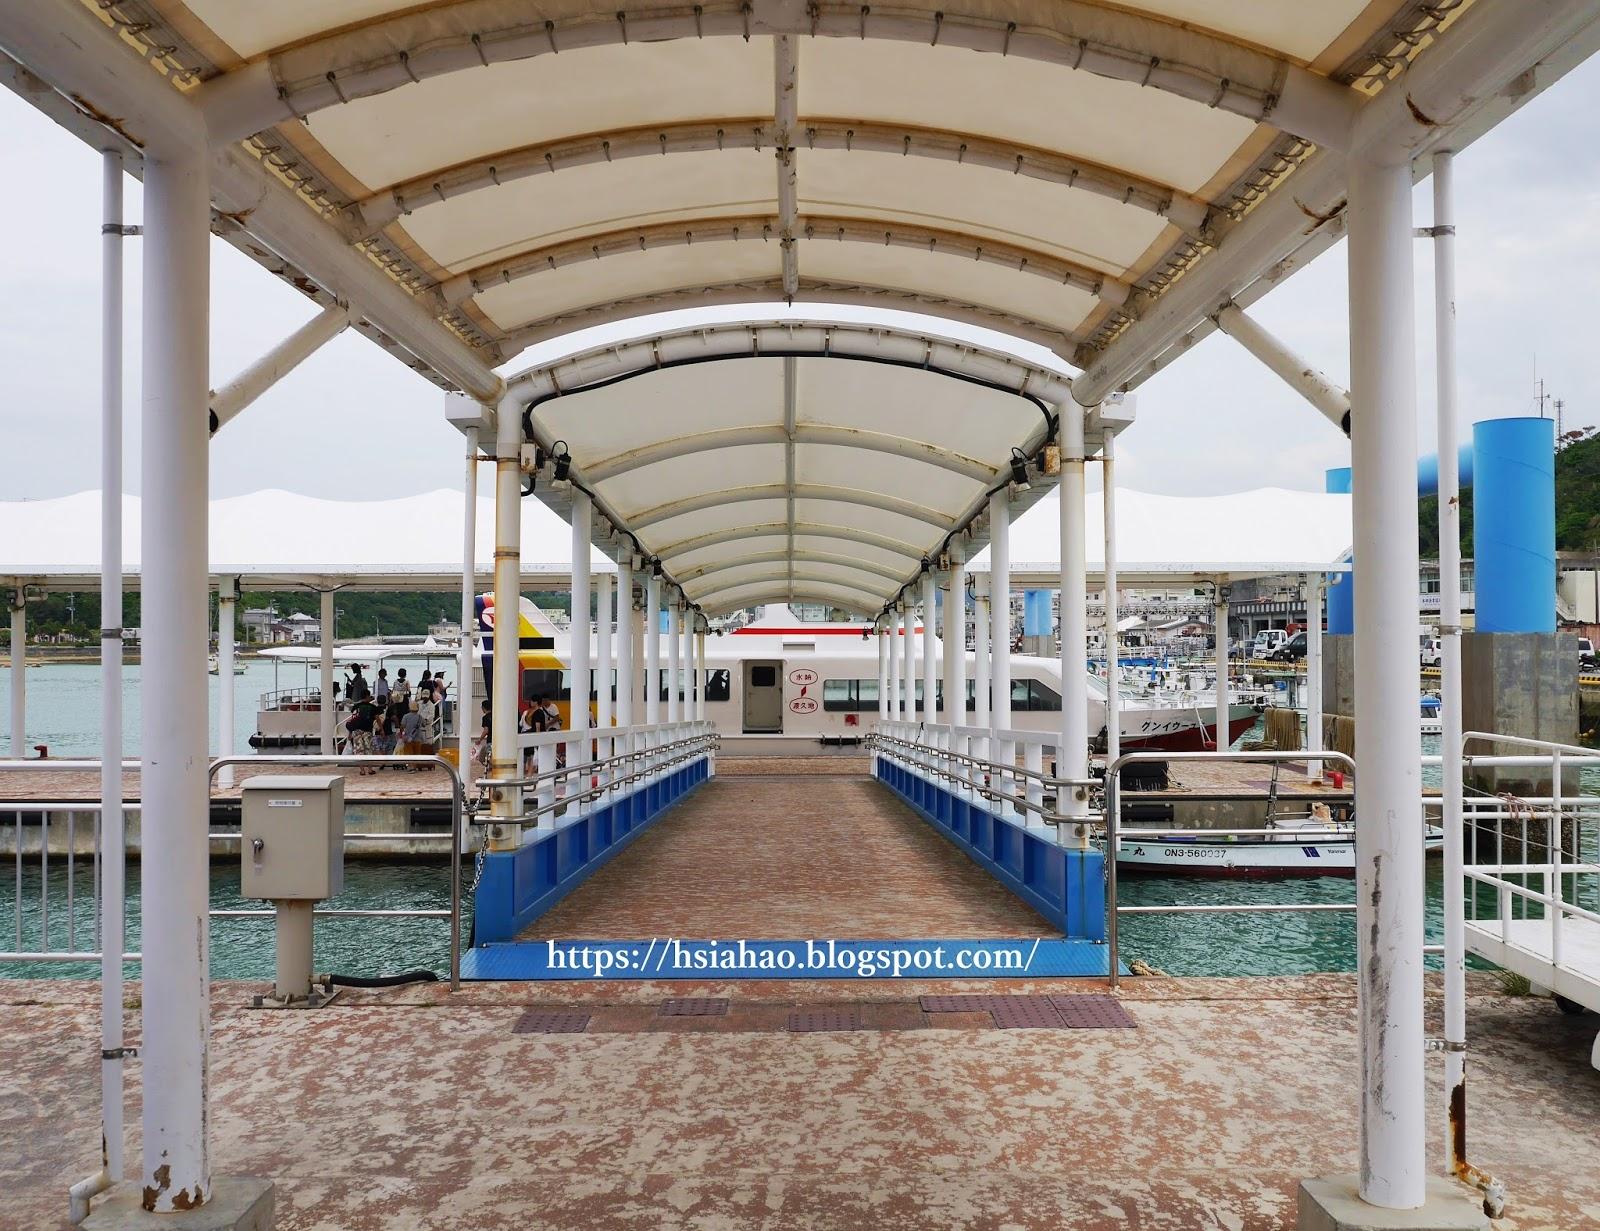 沖繩-水納島-渡久地港-渡輪-ferry-水納海灘-水納ビーチ-Minna-Beach-推薦-自由行-旅遊-Okinawa